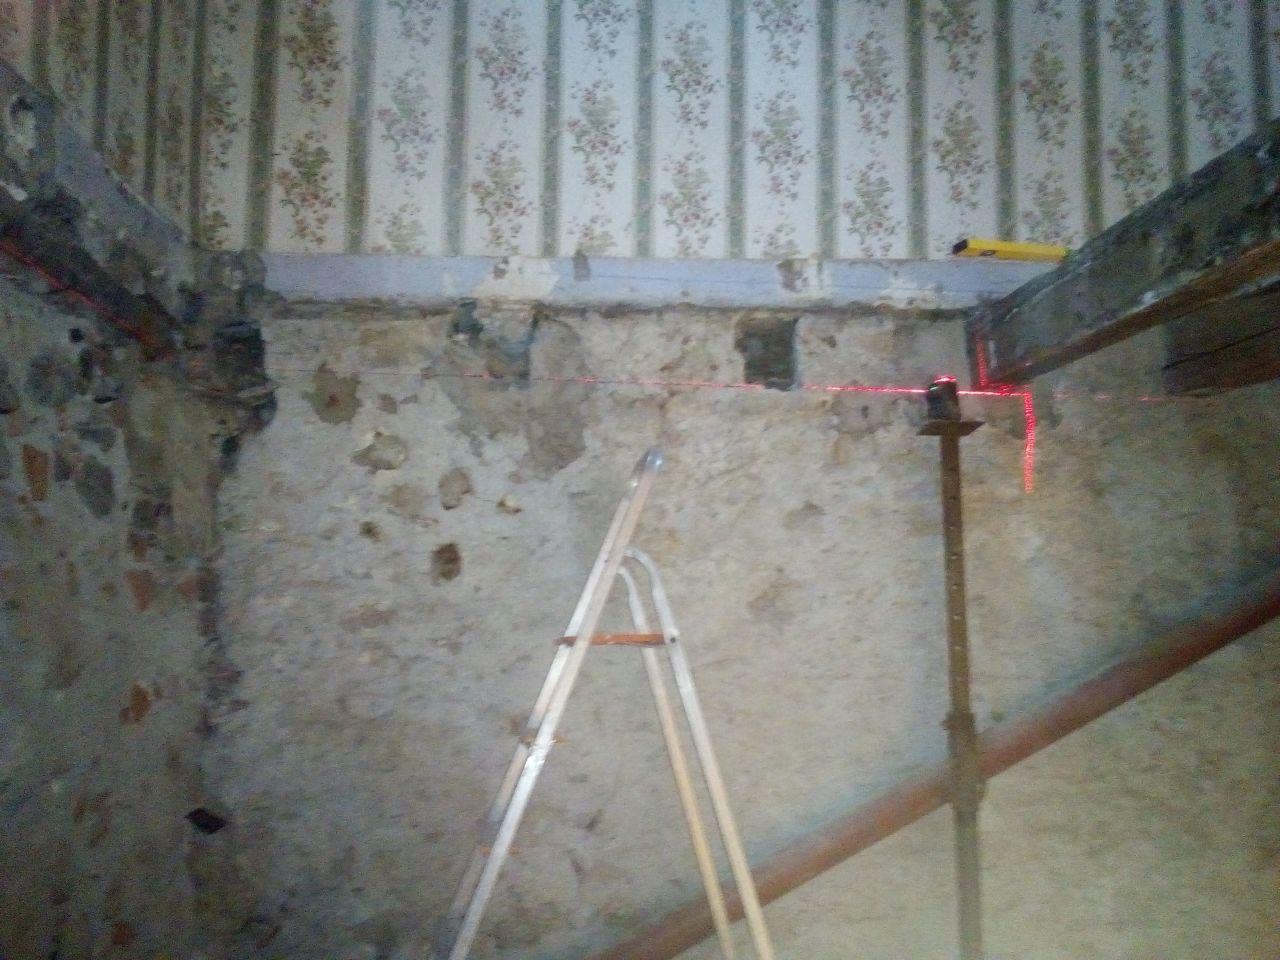 en dessous de la chambre on arrache le plancher aussi et on enleve les ancienne poutres après reflexion ( 12 cm de décalage sur 4 metres de portée) 80 cm d'entraxe et completement vermoulu. On repartira sur un nouveau solivage scellé dans le mur aussi !